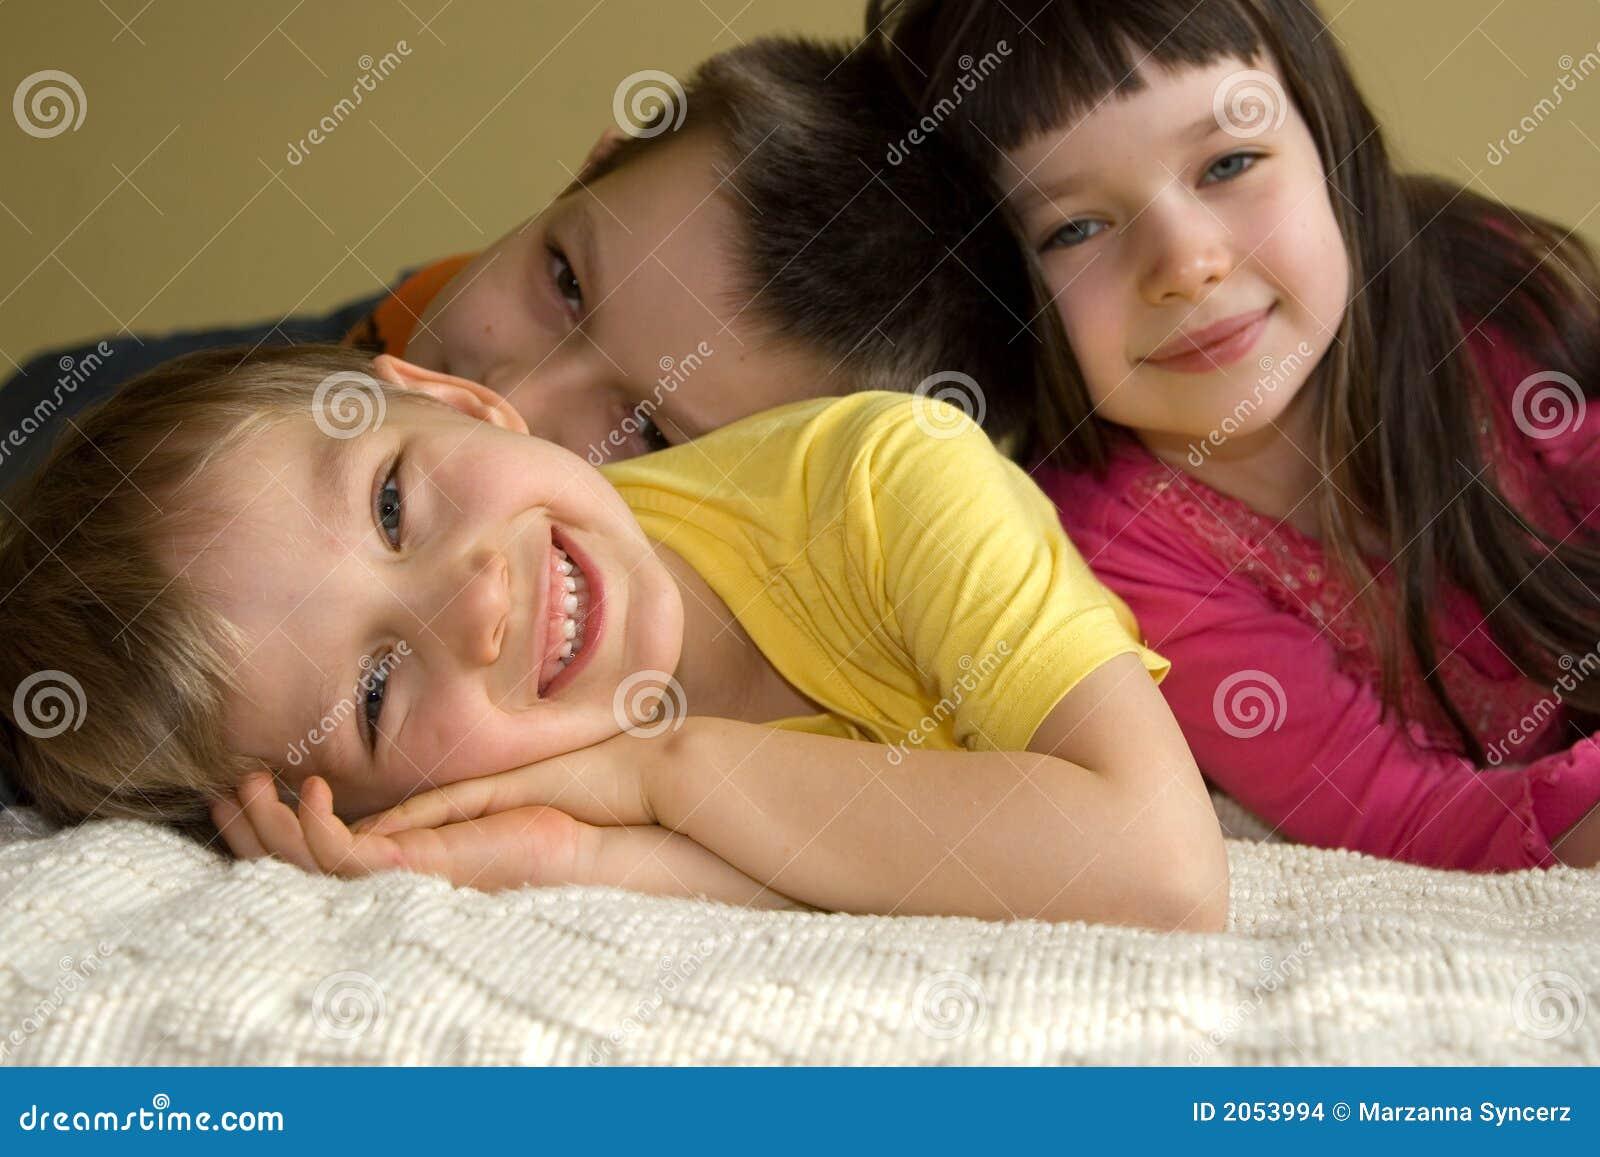 Três miúdos brincalhão